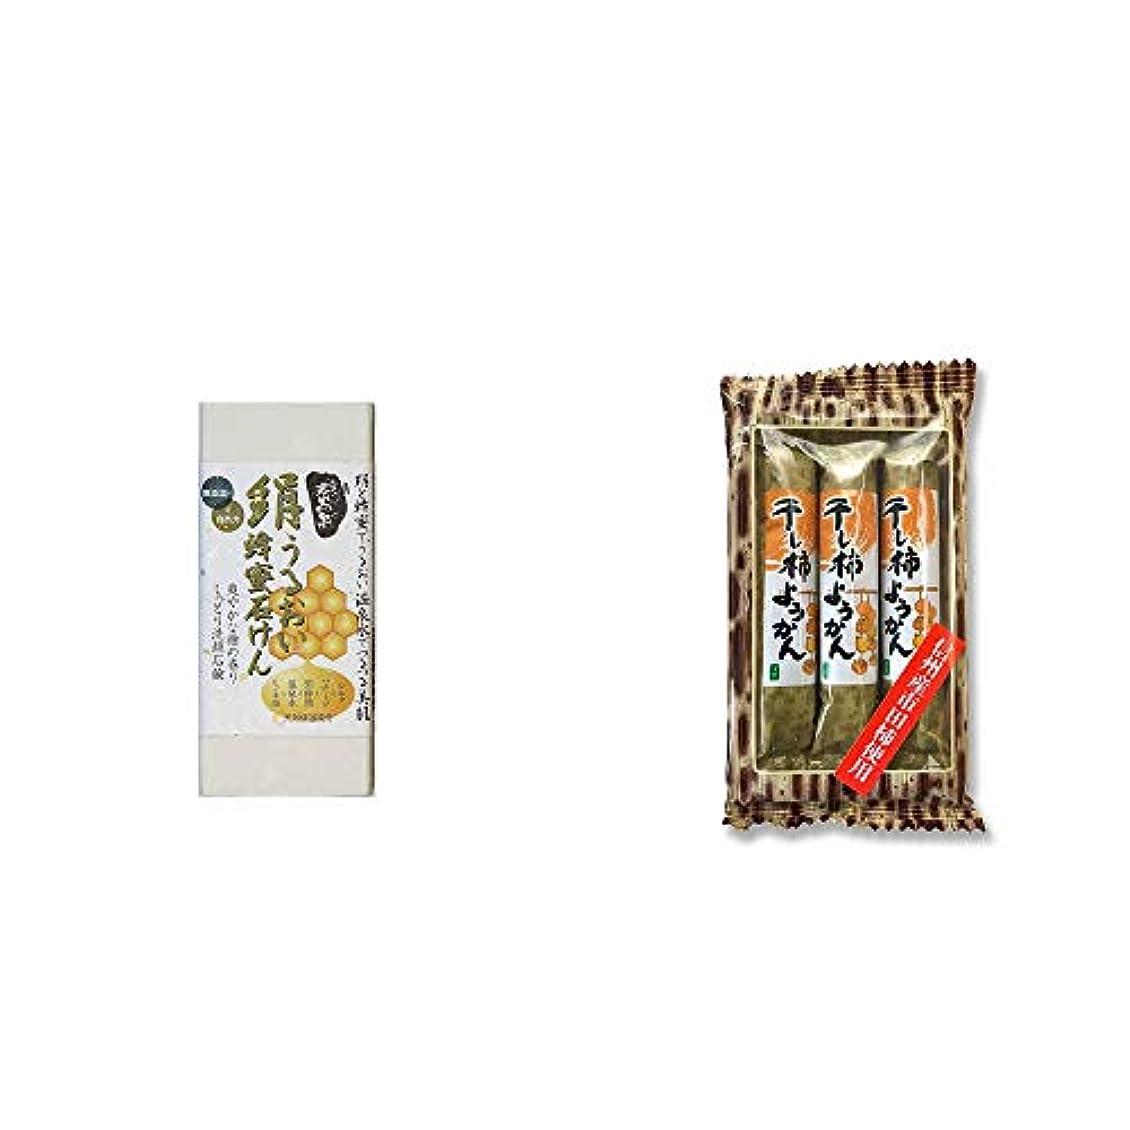 ディーラーしつけ繕う[2点セット] ひのき炭黒泉 絹うるおい蜂蜜石けん(75g×2)?信州産市田柿使用 スティックようかん[柿](50g×3本)